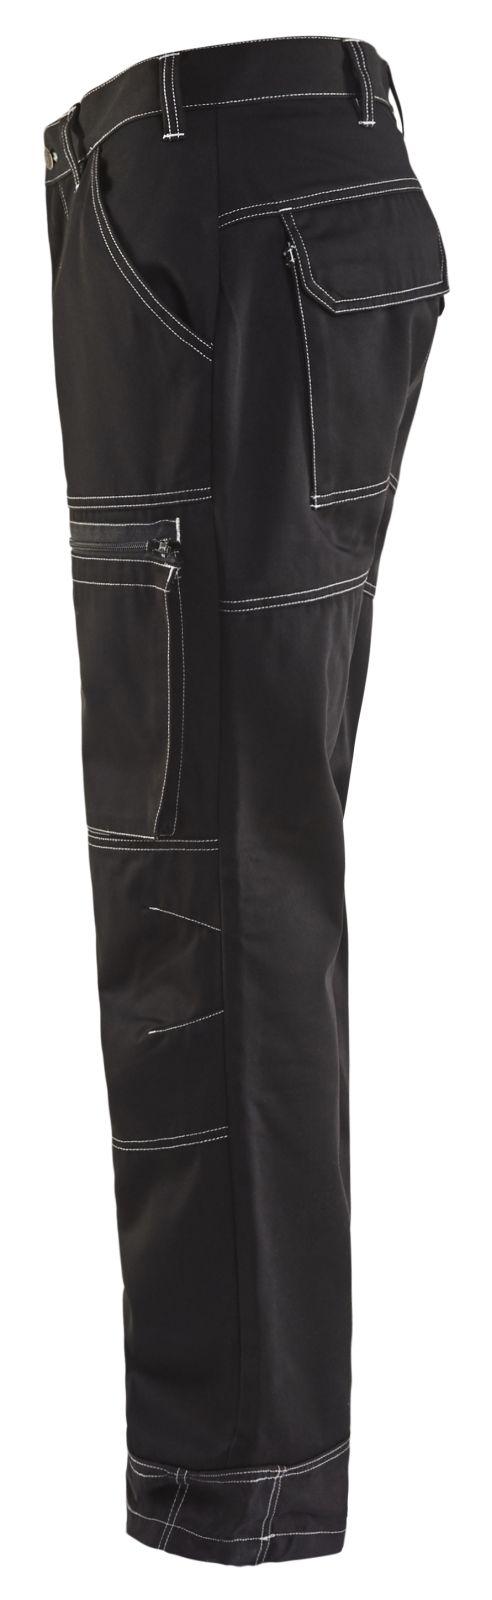 Blaklader Werkbroeken 14701860 zwart(9900)